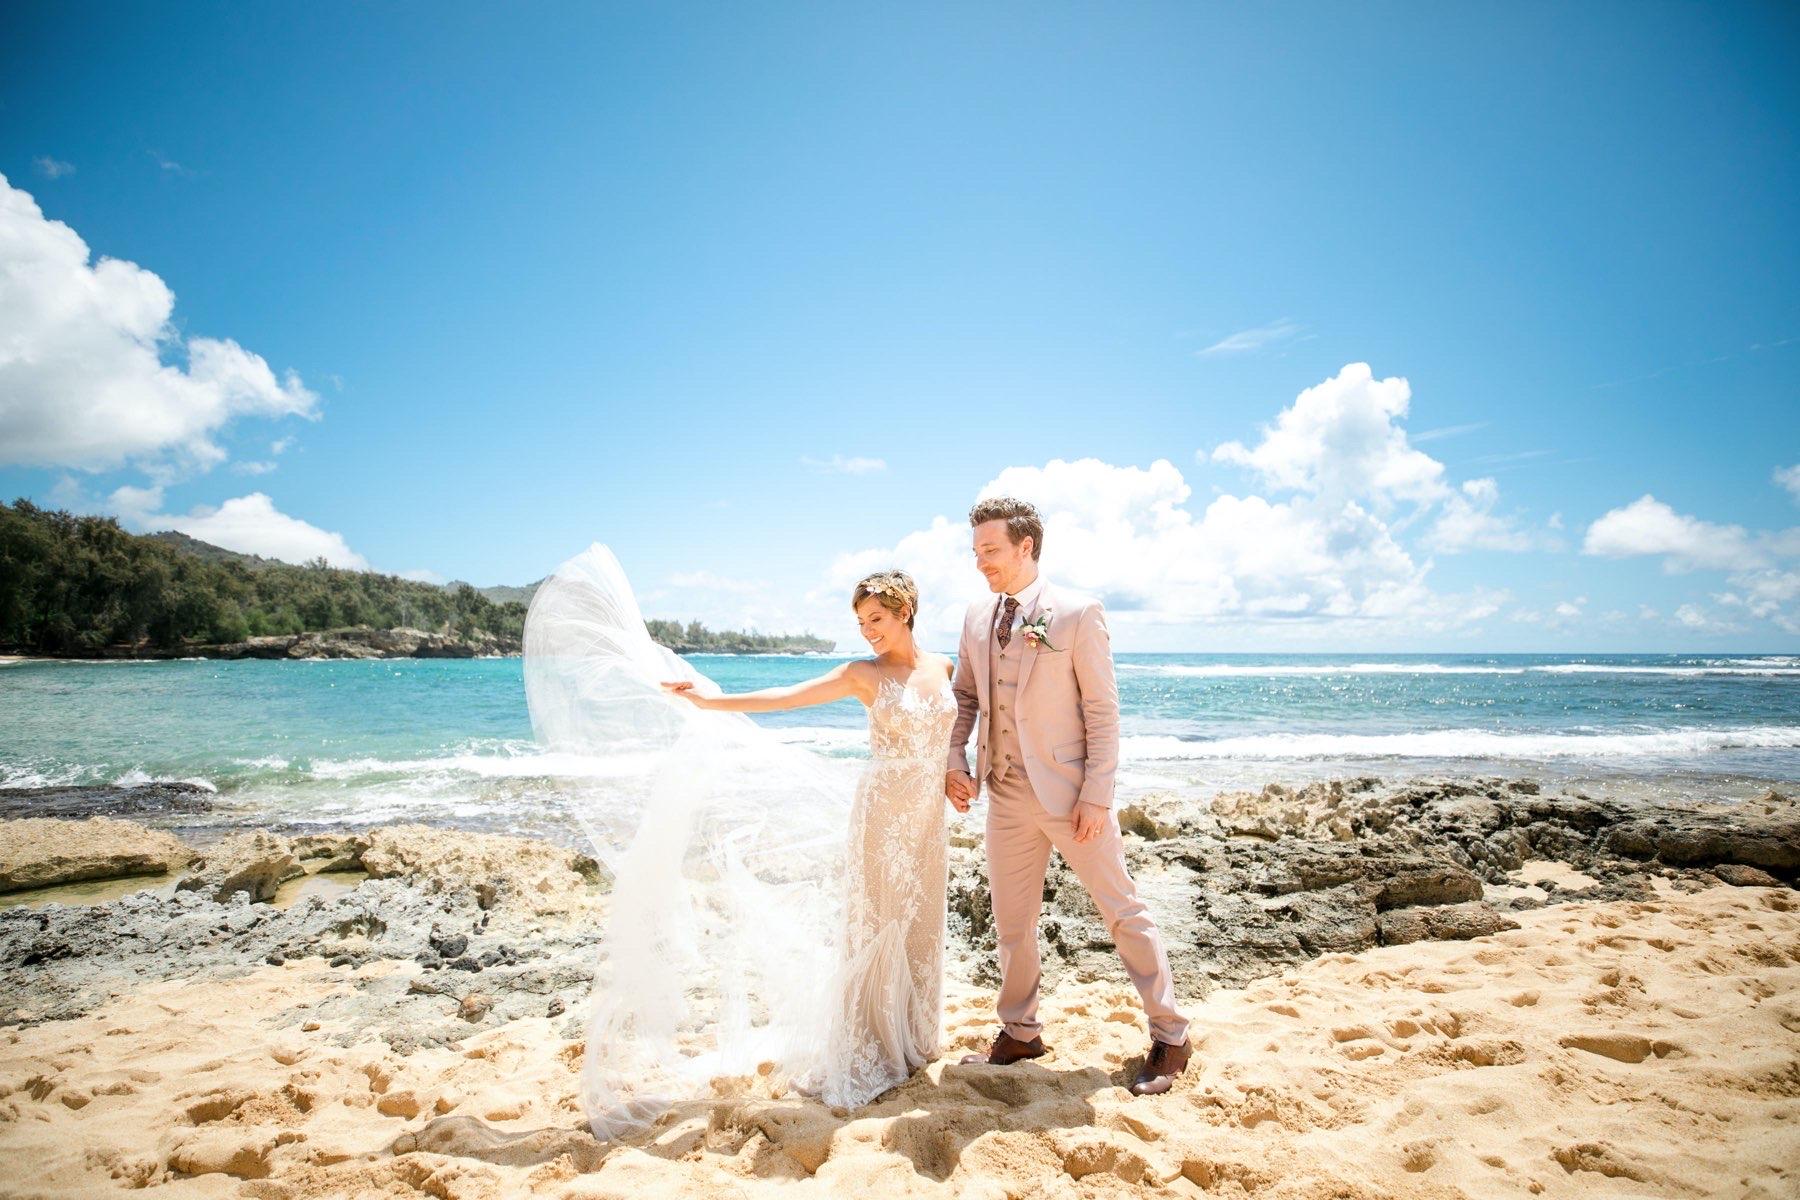 Sylvia & Shane on the beach in Hawaii.